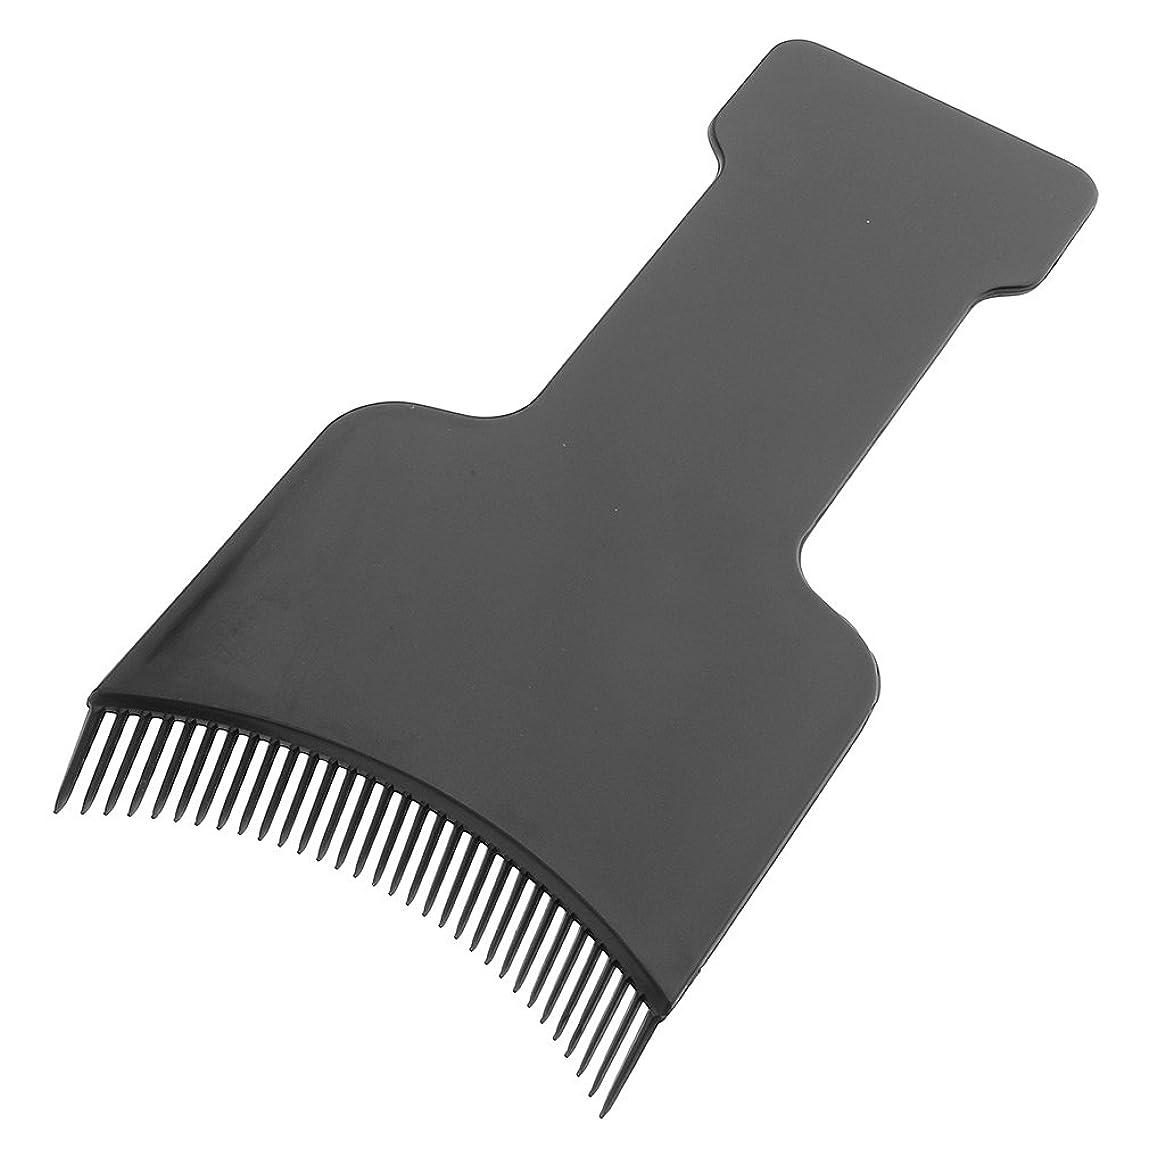 謝る密輸なるBlesiya 染色ティントプレート ヘアカラー ボード 美容 ヘア ツール 髪 保護 ブラック 実用 便利 全4サイズ  - S